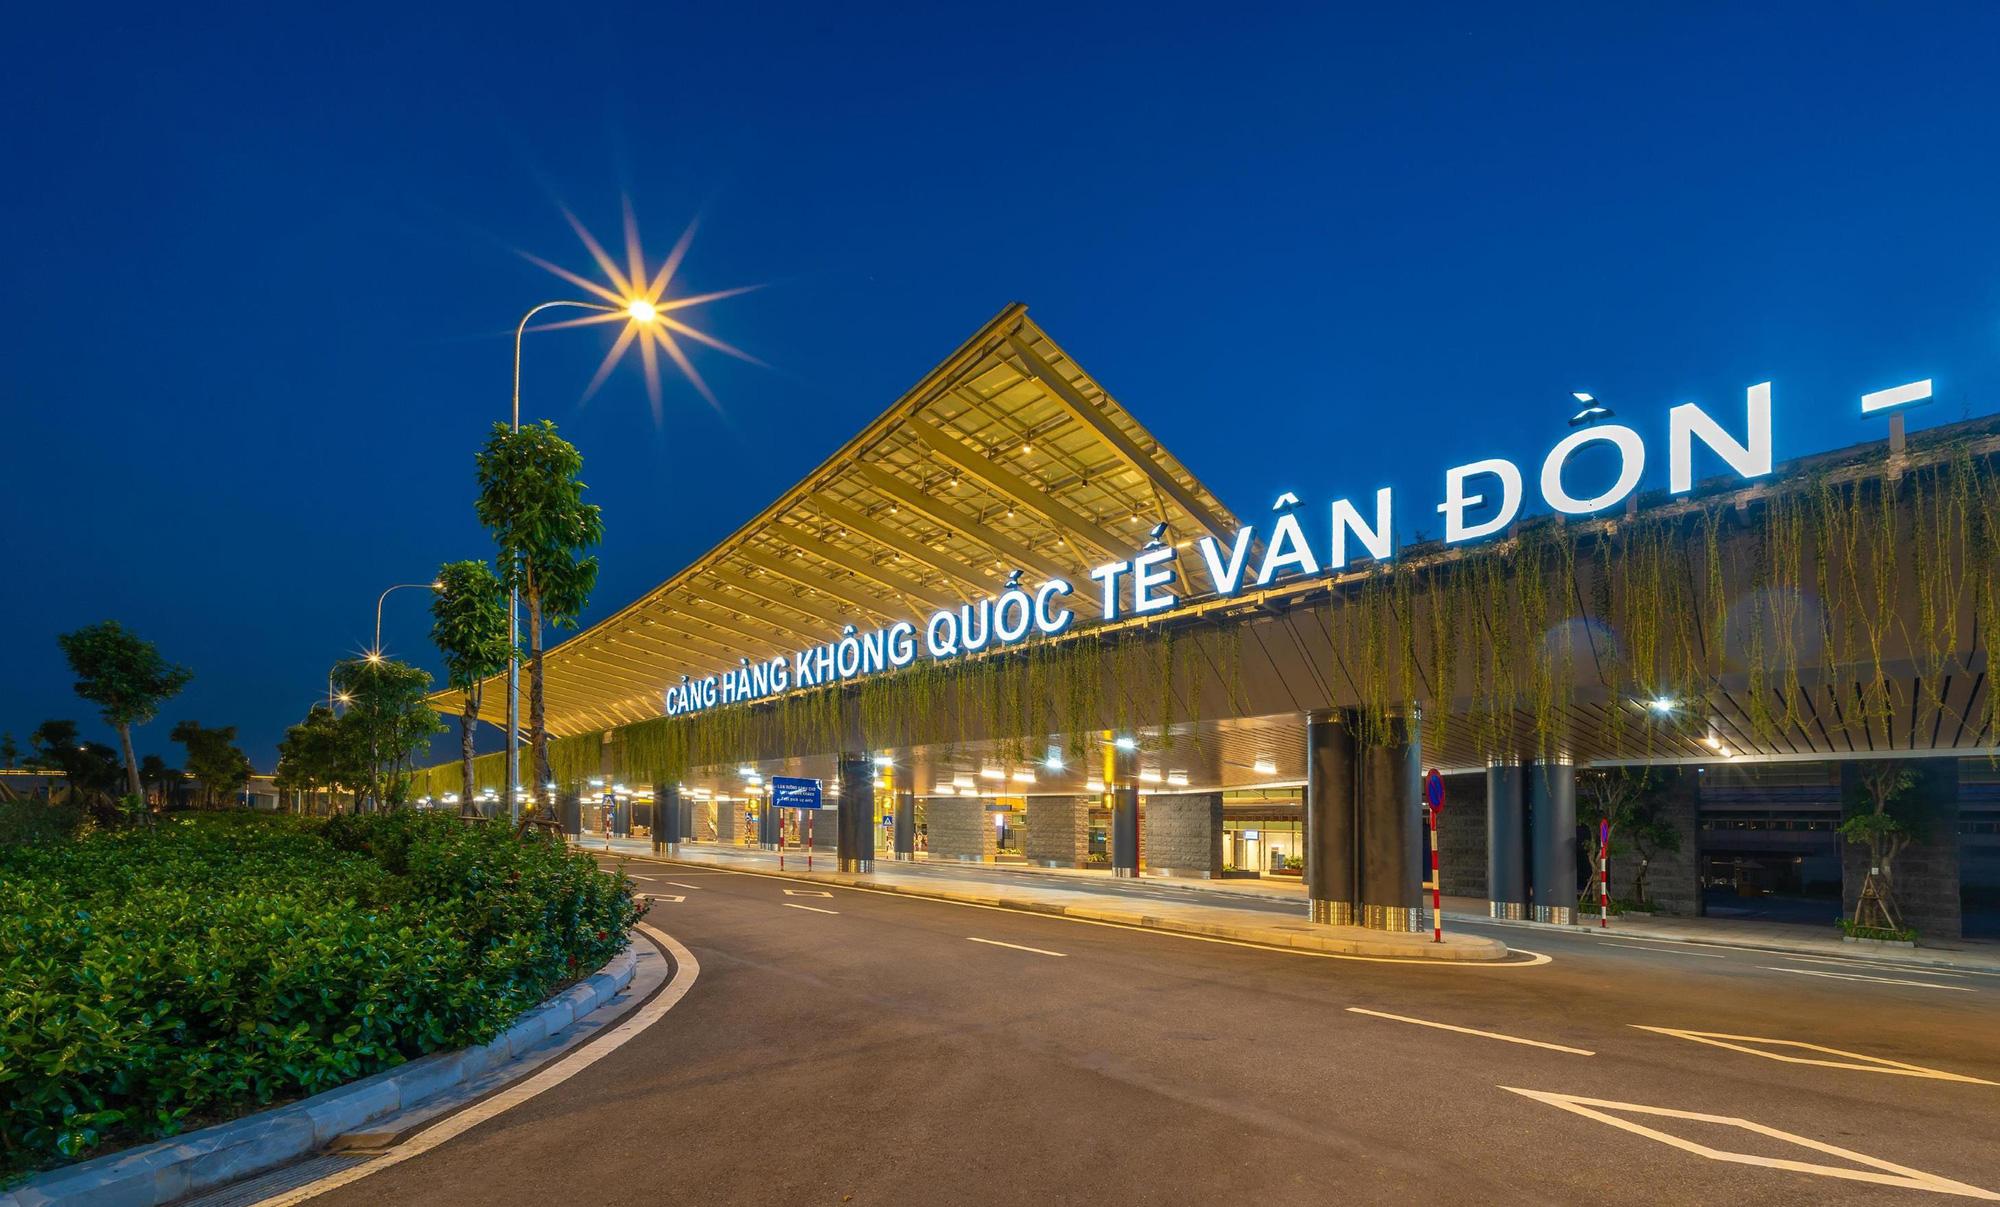 Việt Nam có sân bay mới hàng đầu thế giới 2019 - Ảnh 4.